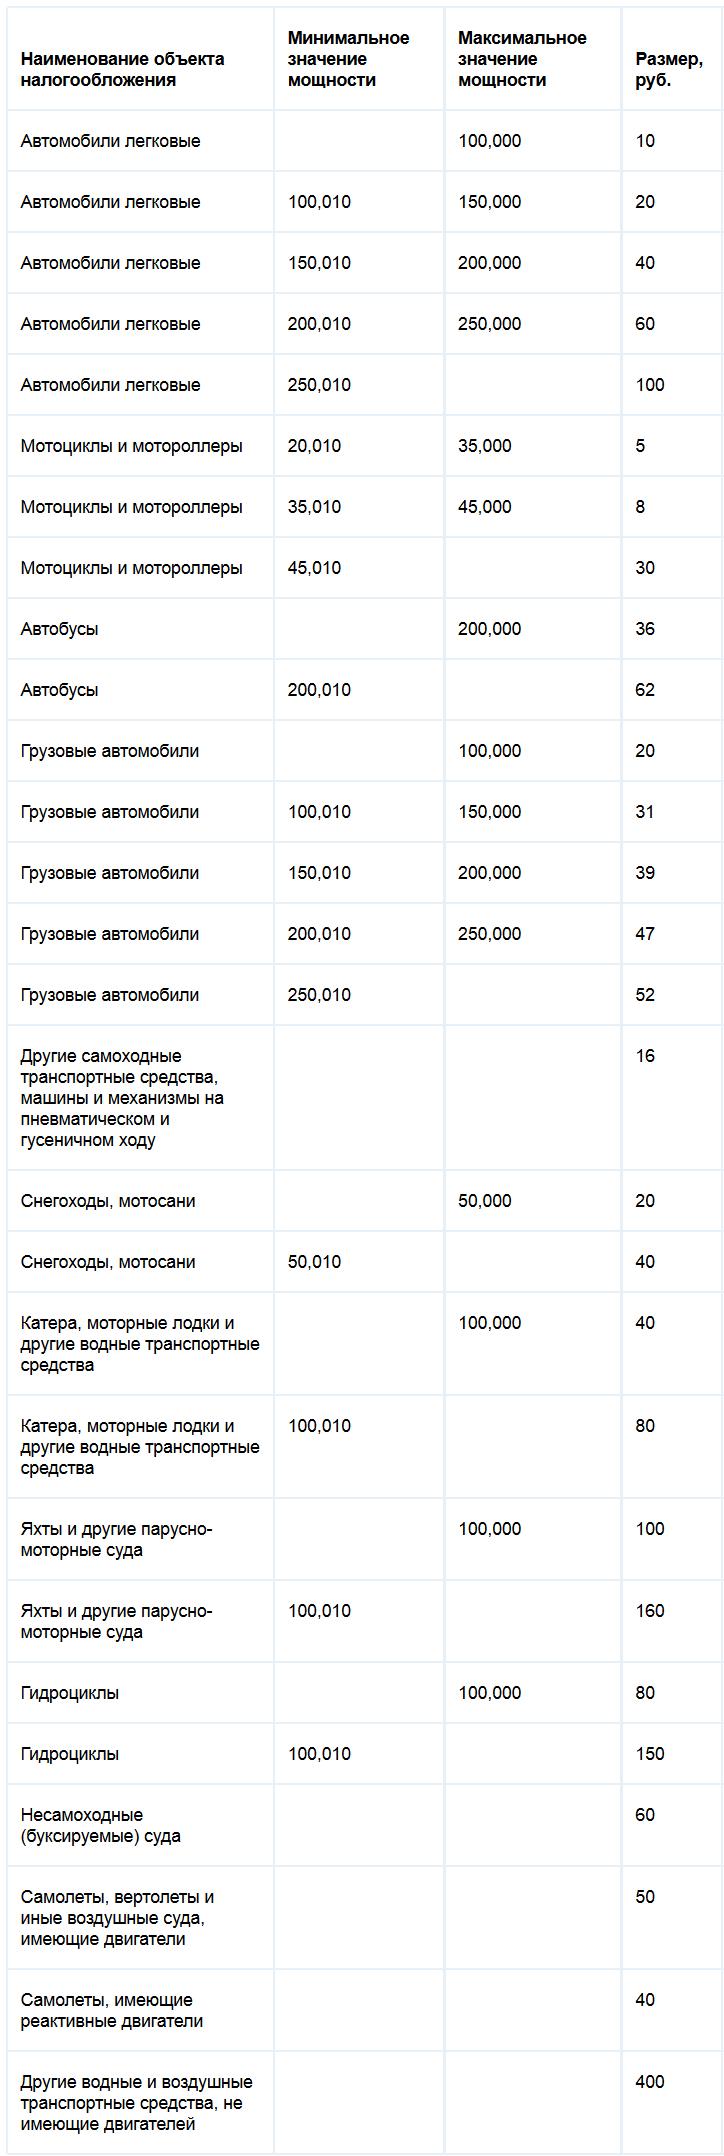 Ставки по транспортному налогу по смоленской области букмекерские ставки в примерах